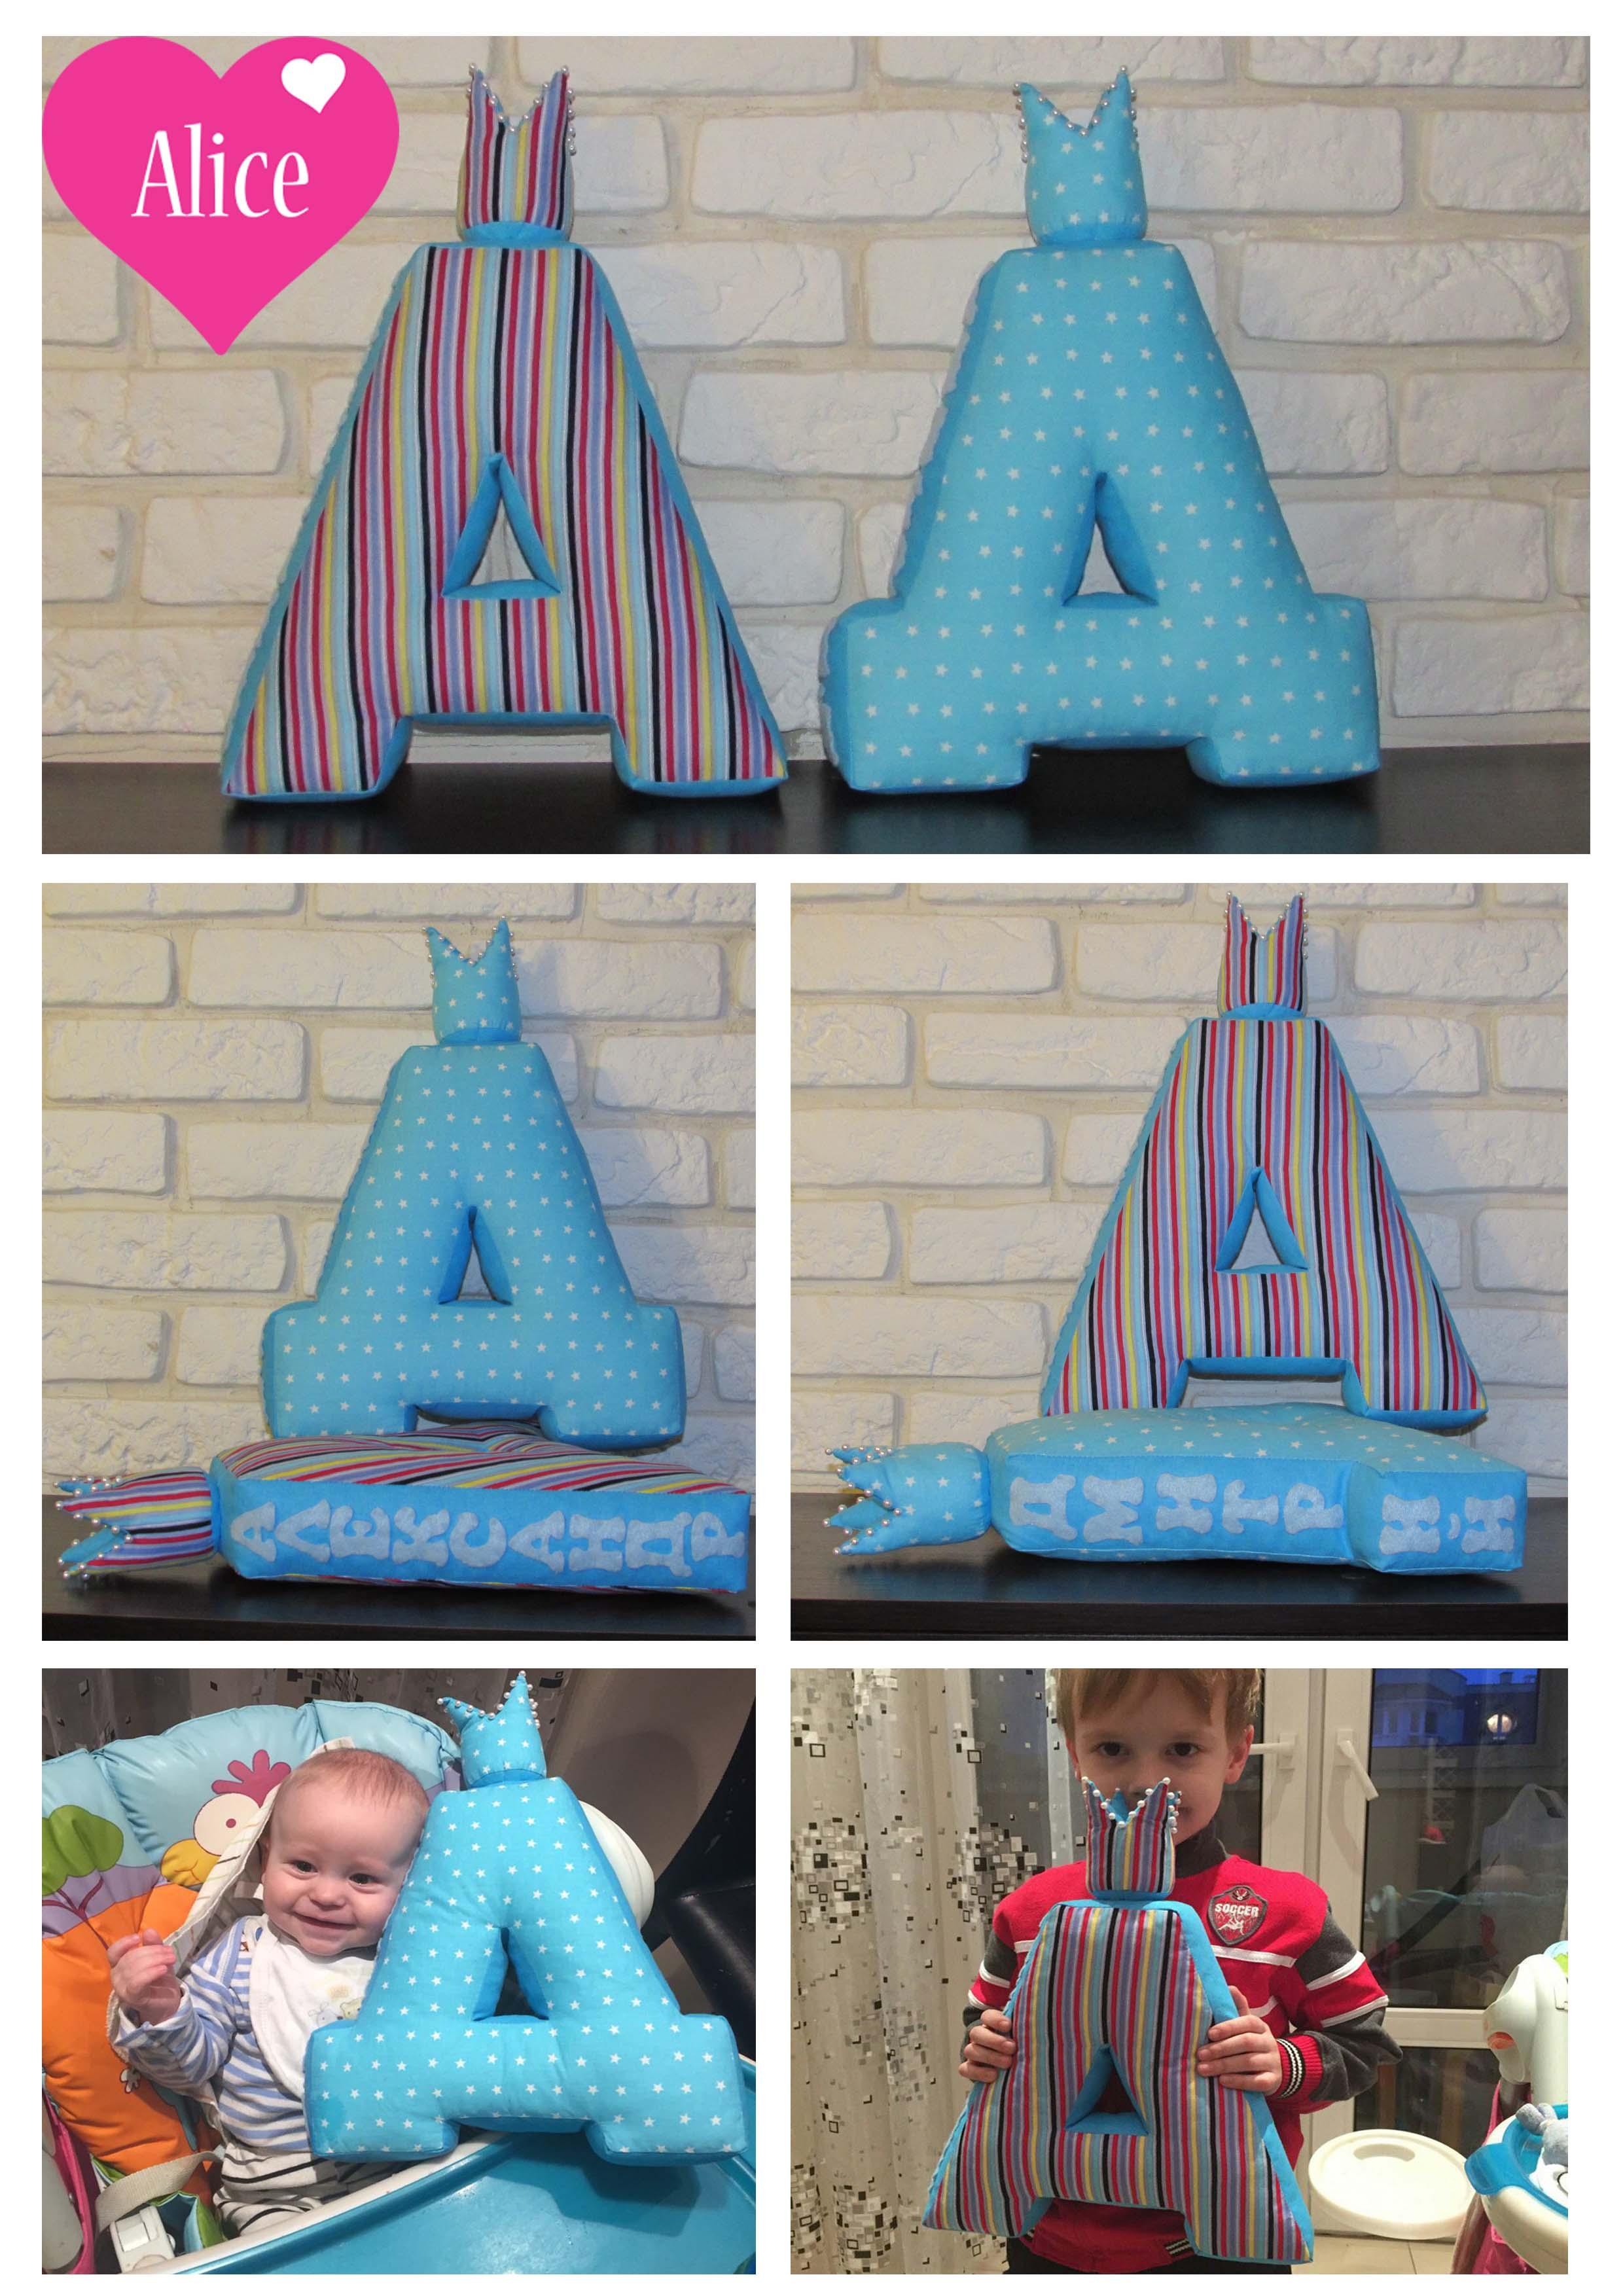 Мягкие буквы-подушки от 7,50 руб.